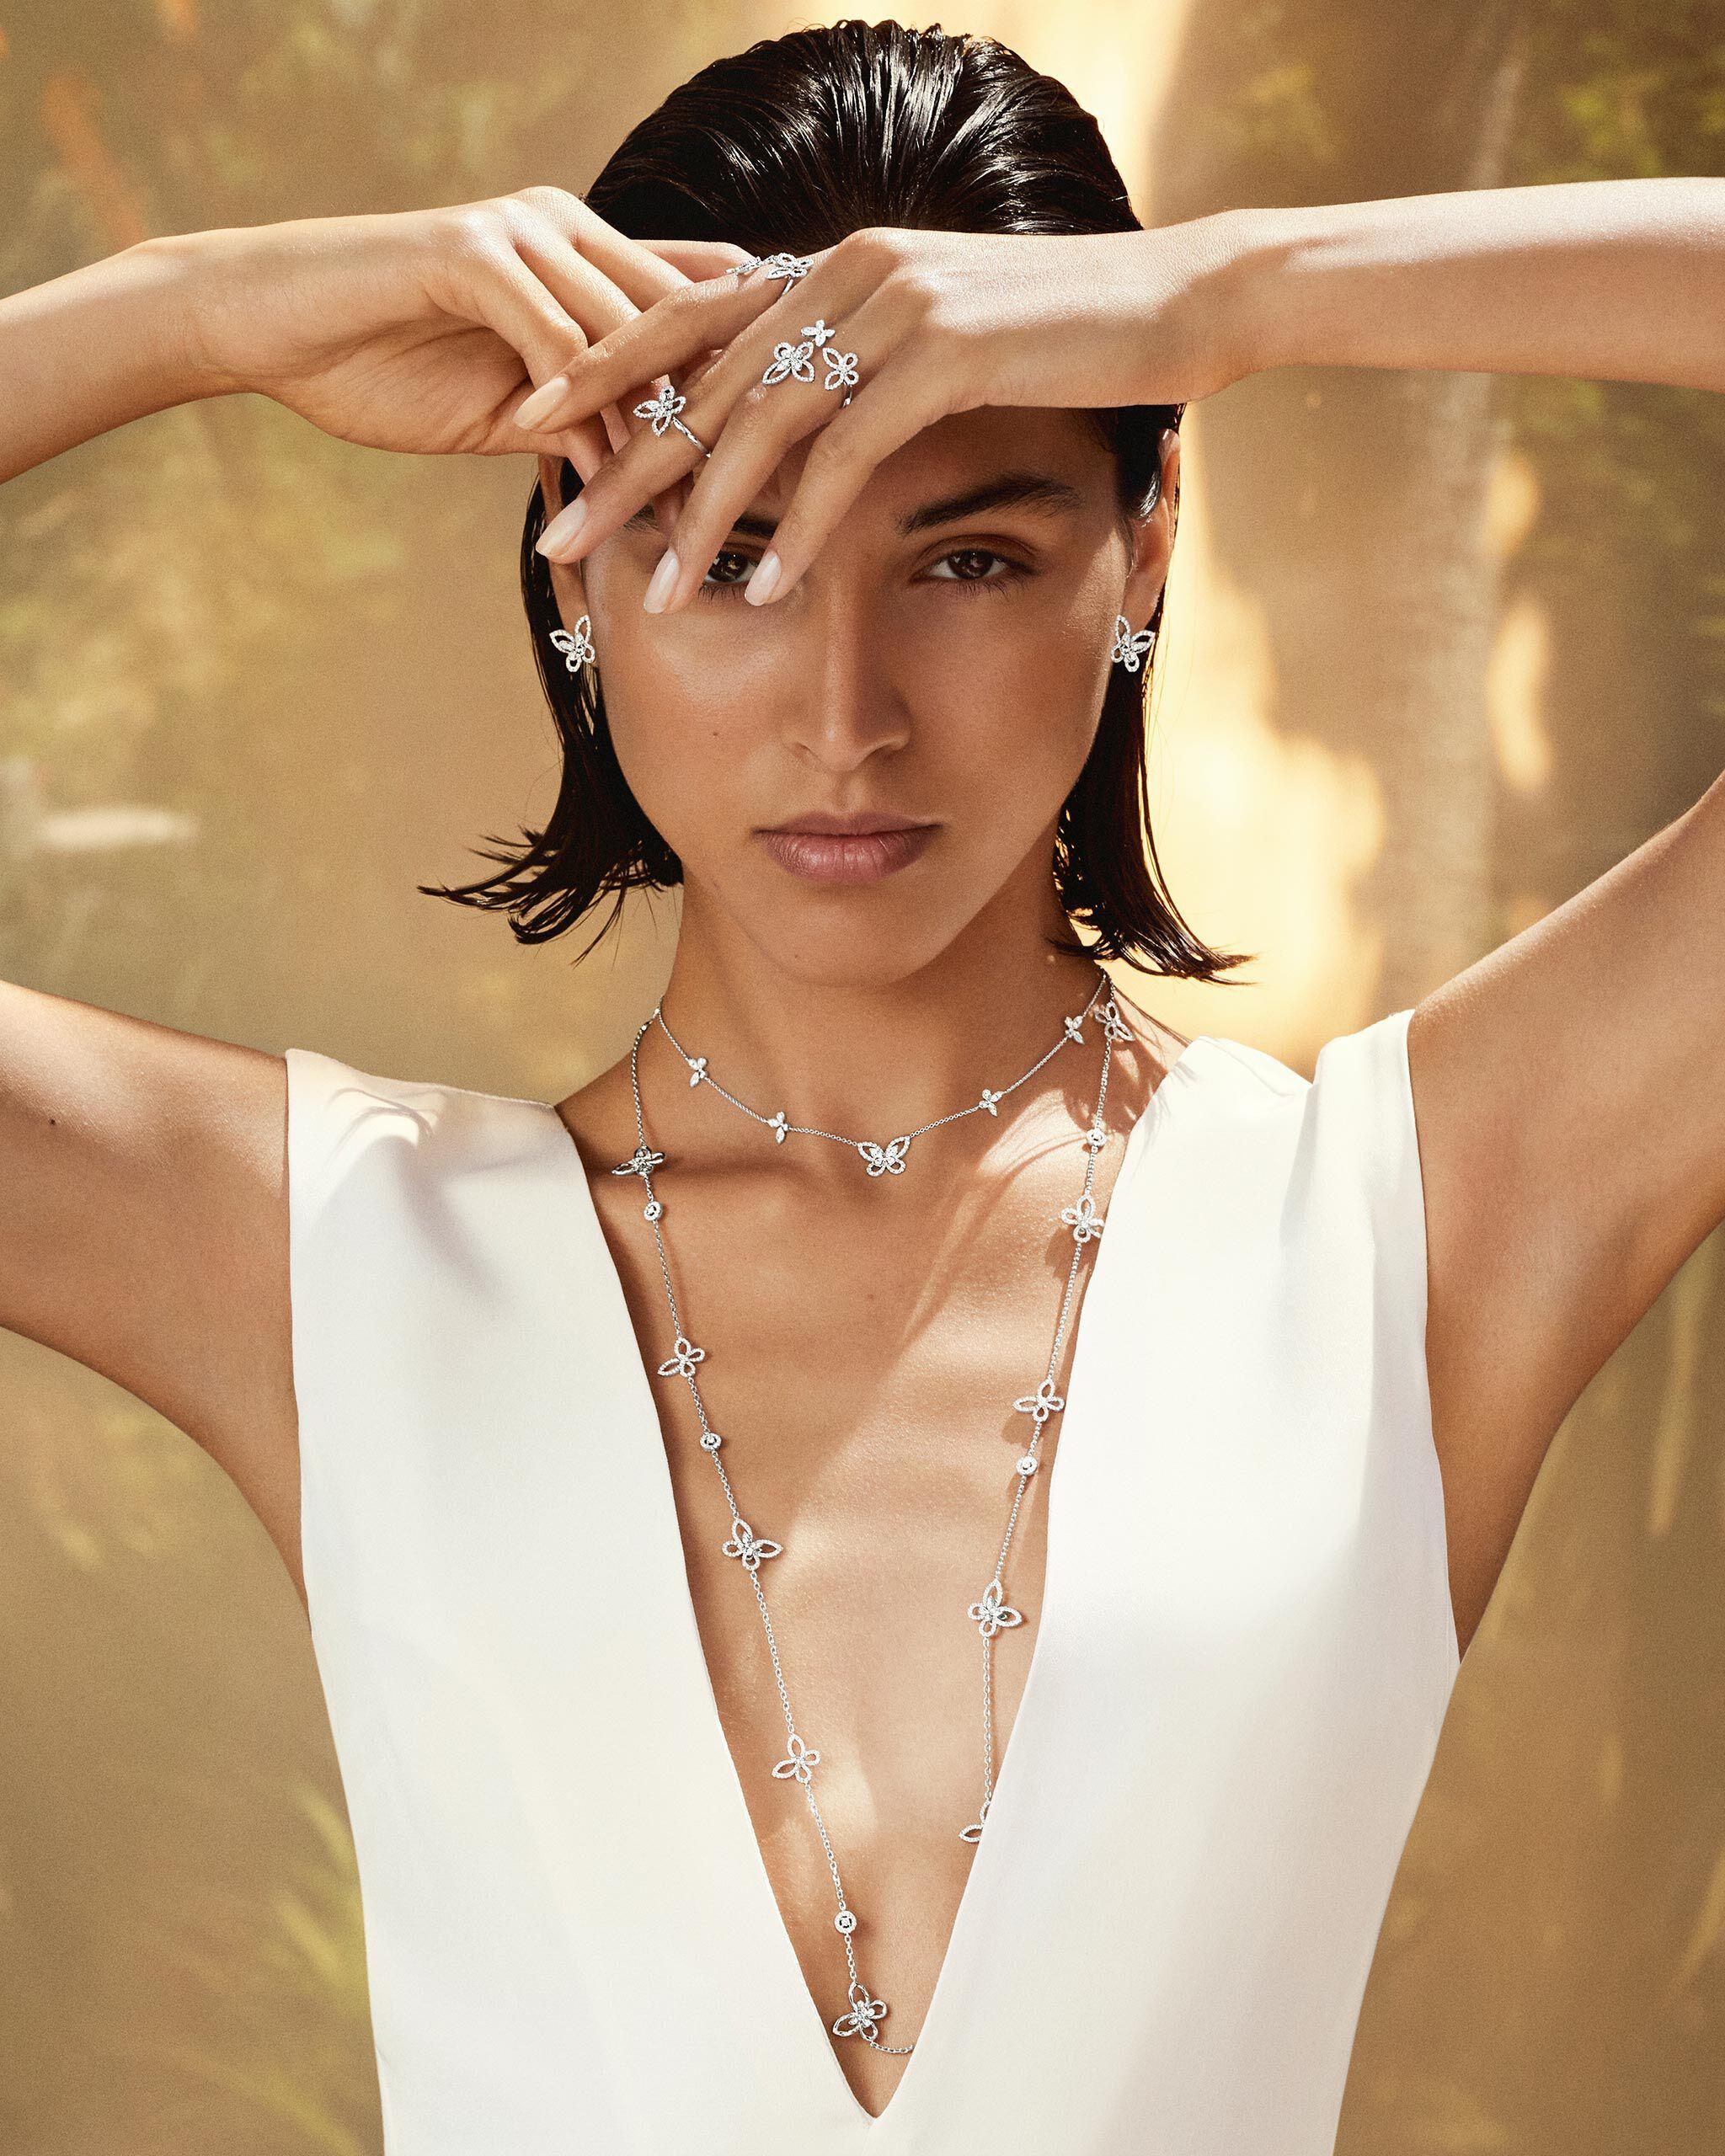 Model wears Graff Butterfly collection diamond jewellery in a pool